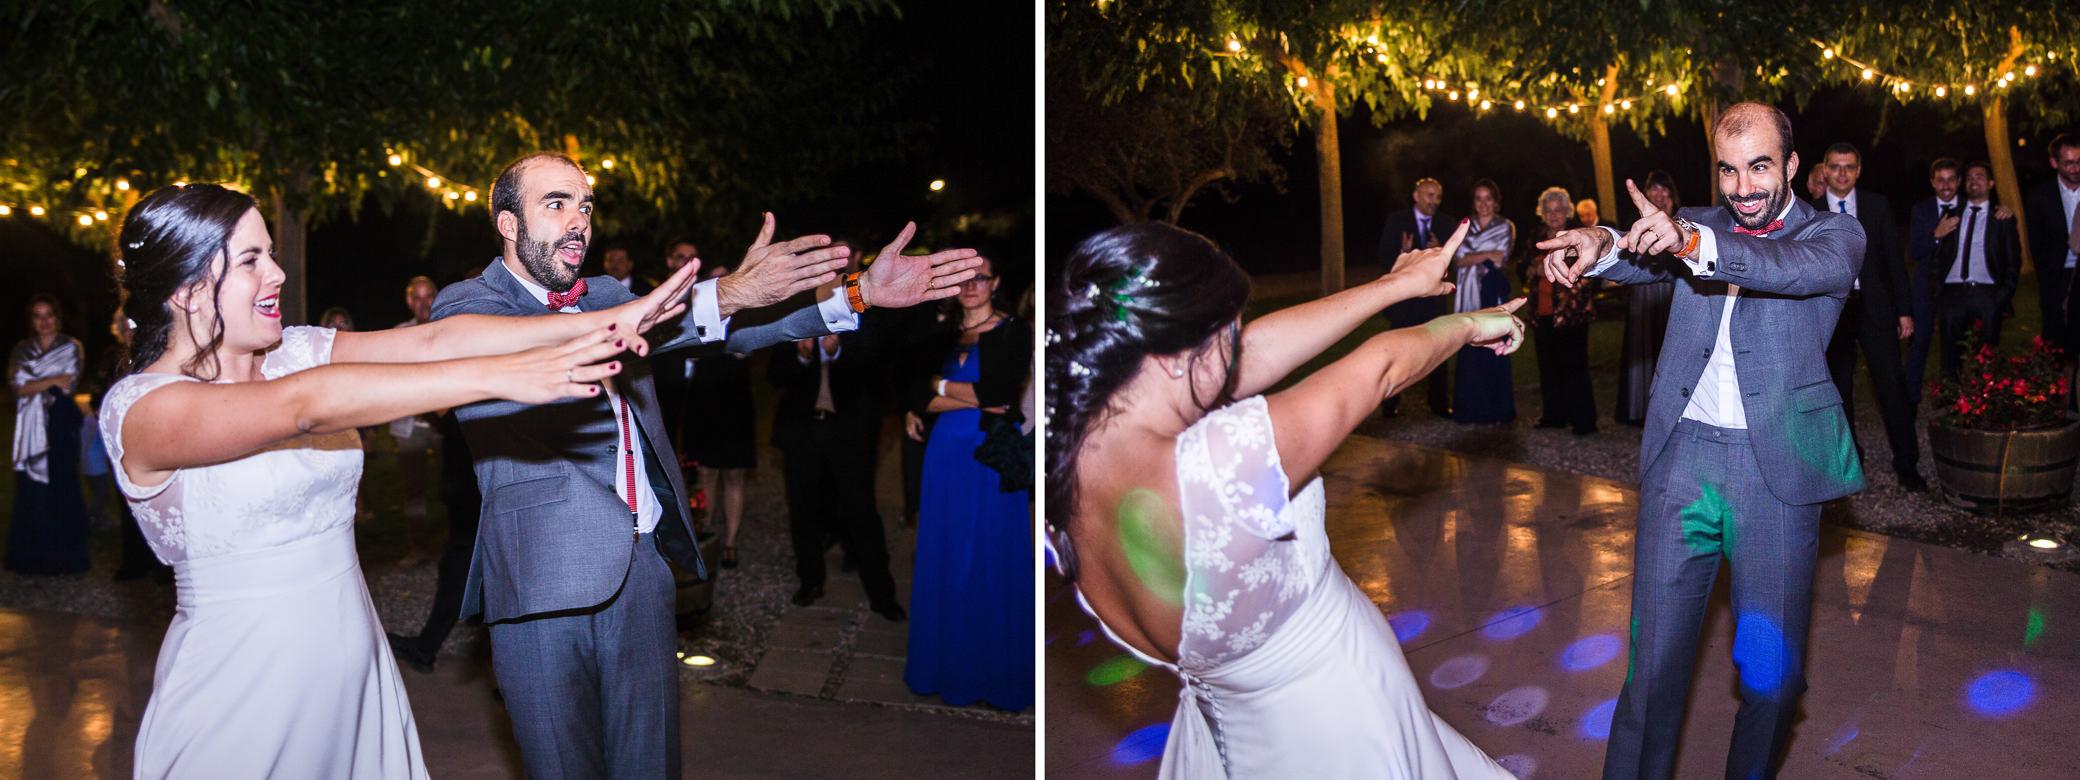 boda-espai-gastronomia-can-macia-photografeel-17-2.jpg